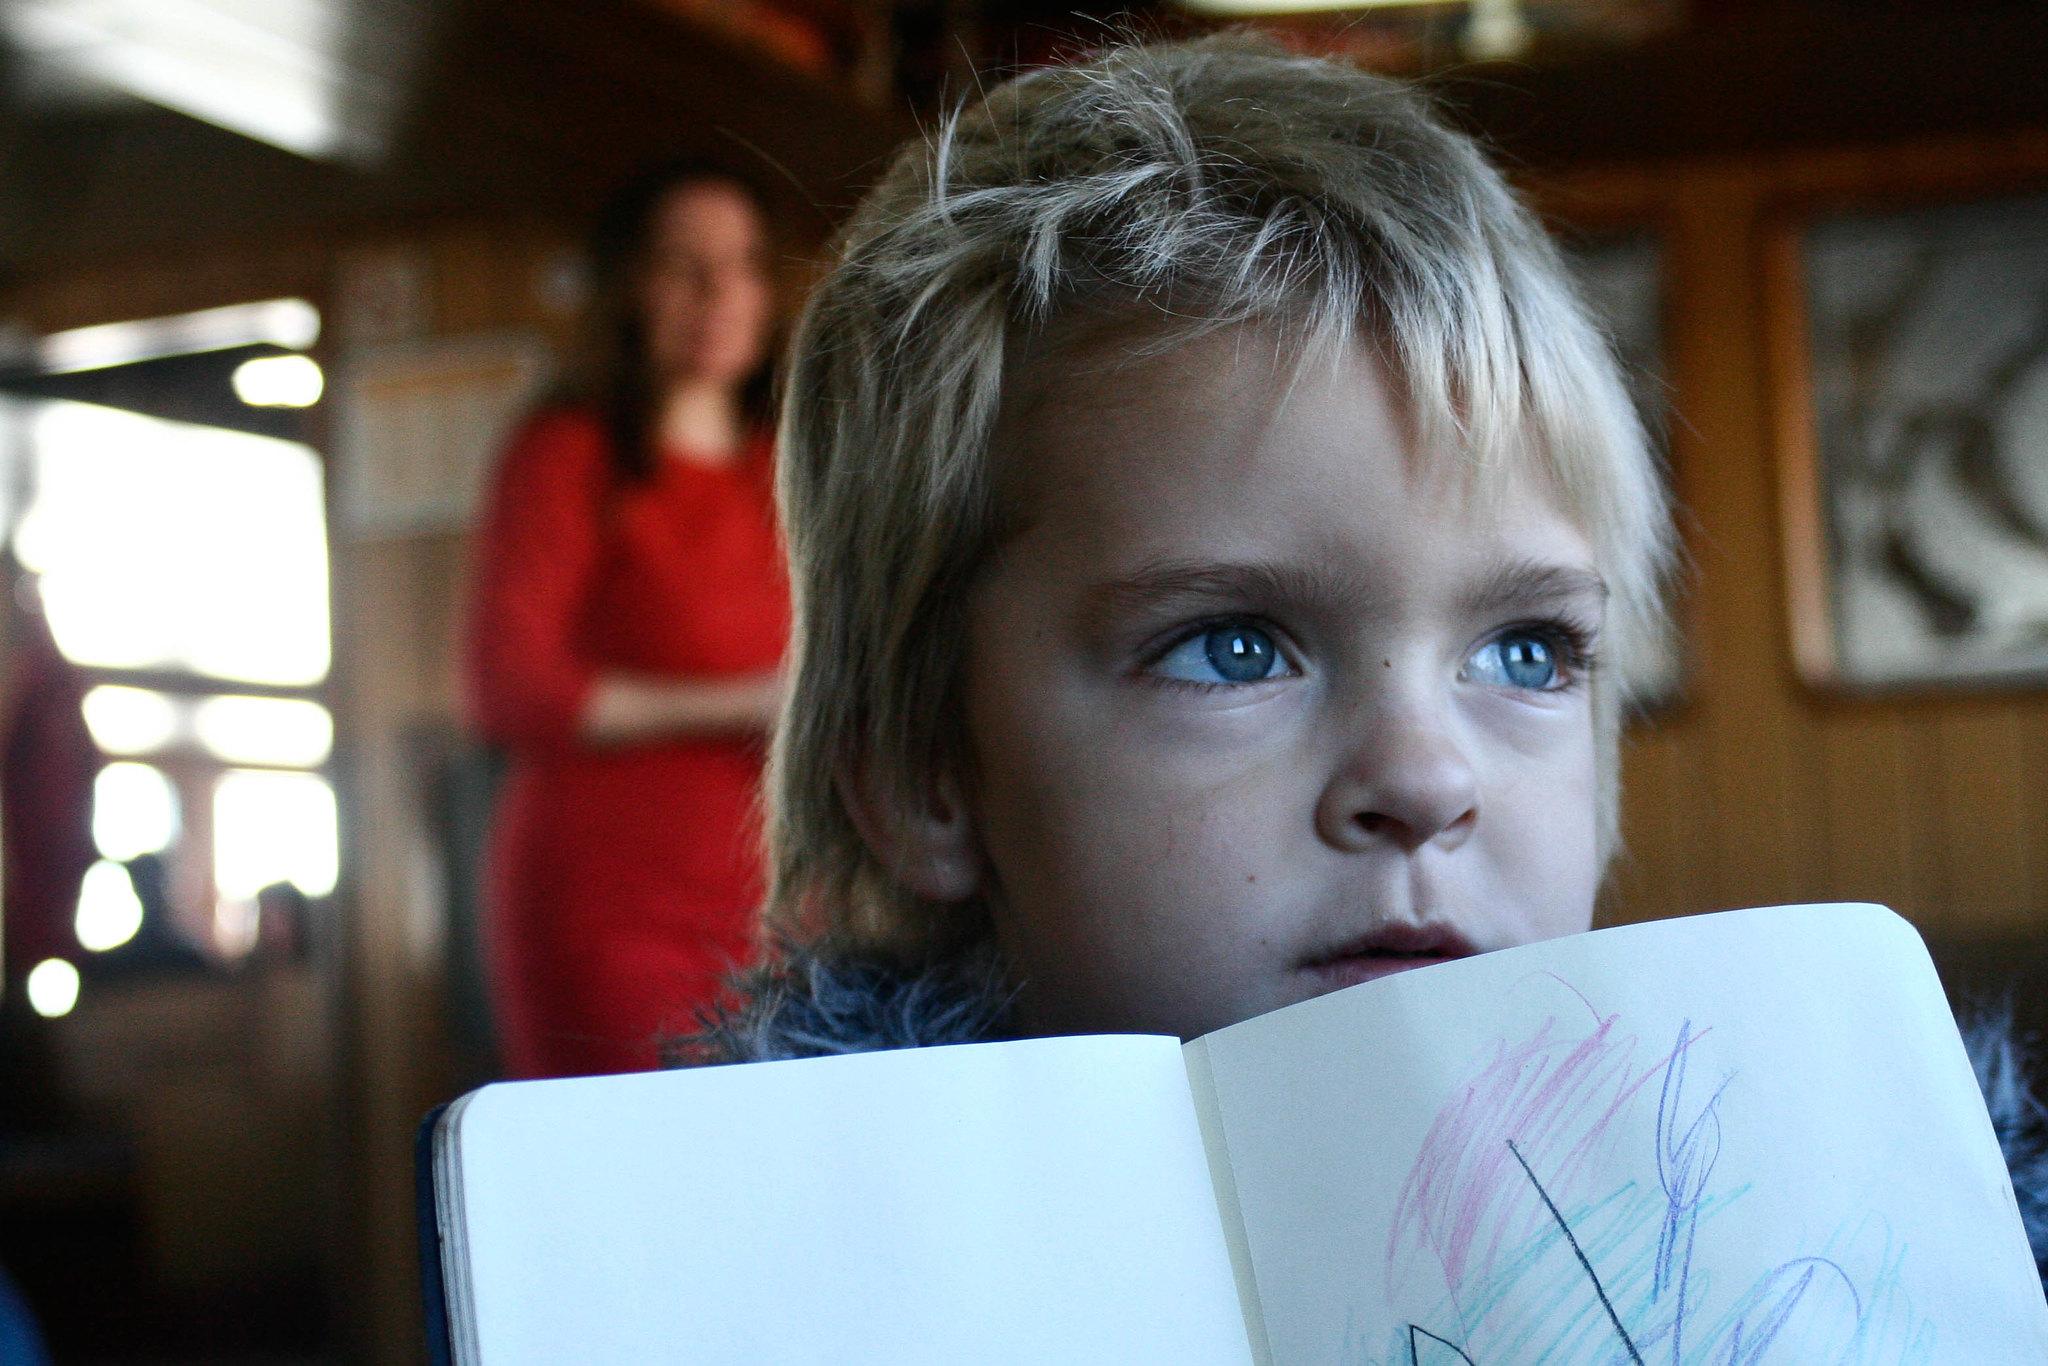 Anton on the vapur, proud of his art.